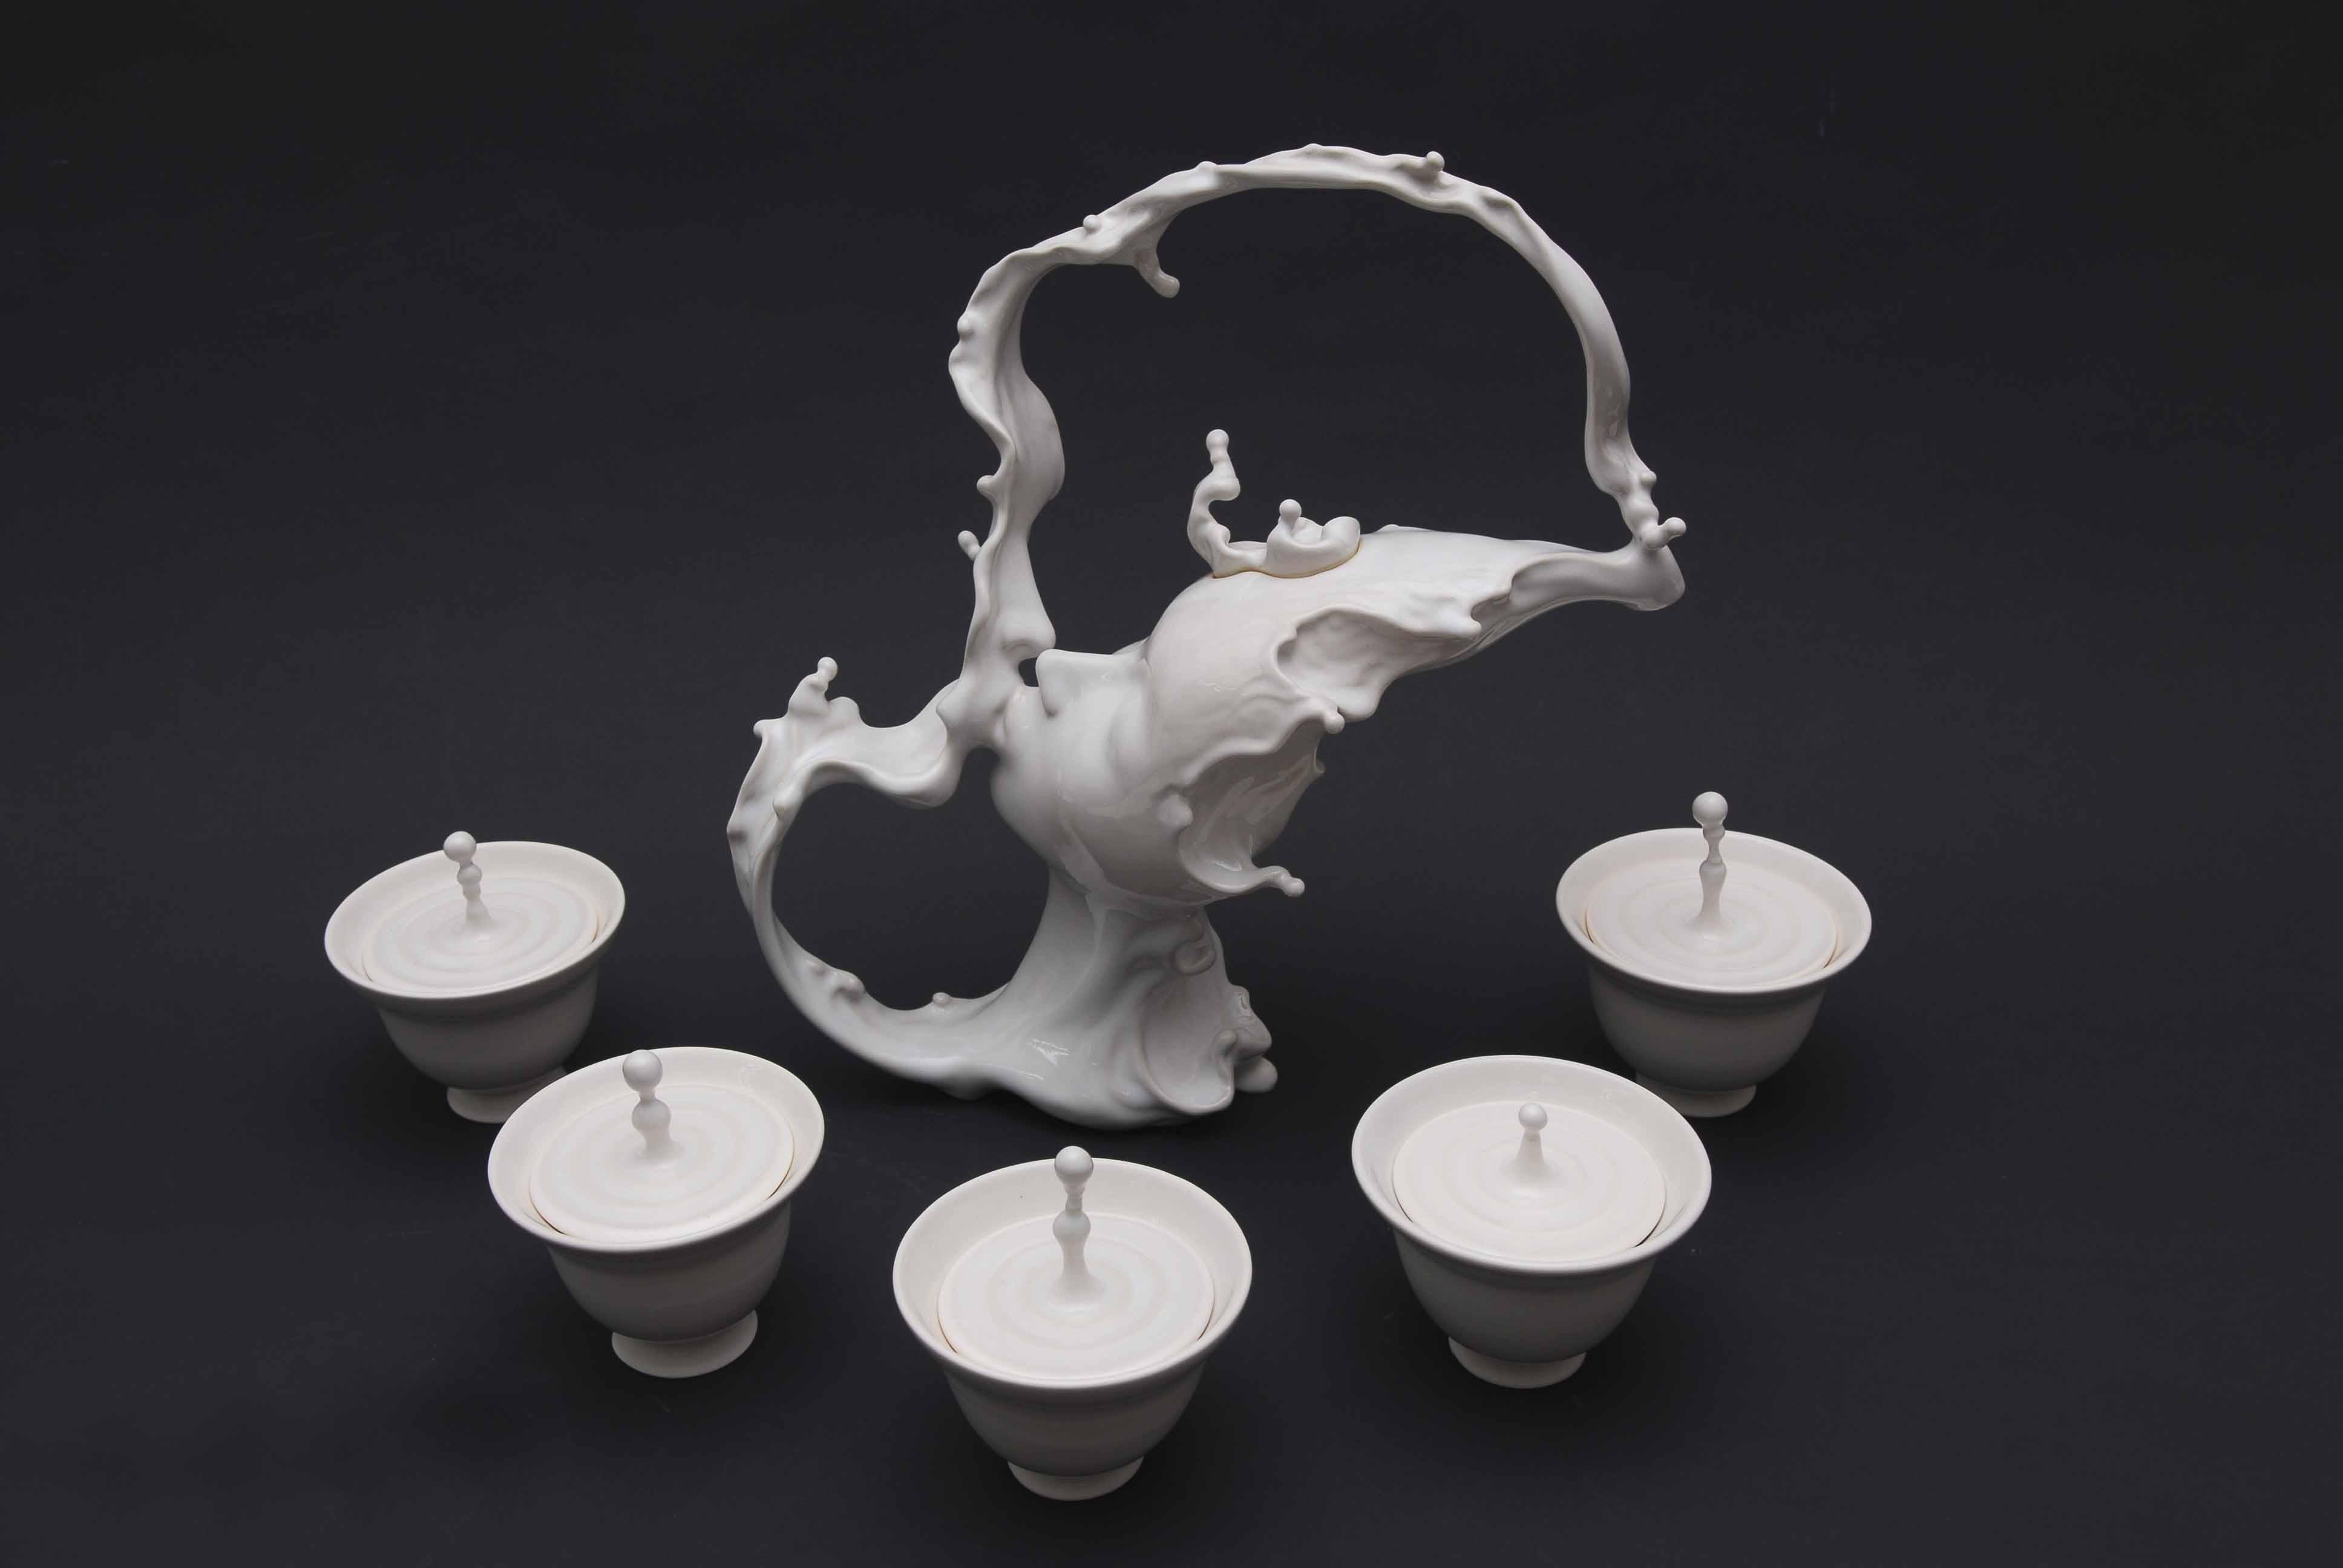 Сюрреалистическая скульптура, поцелуй - Джонсон Цанг